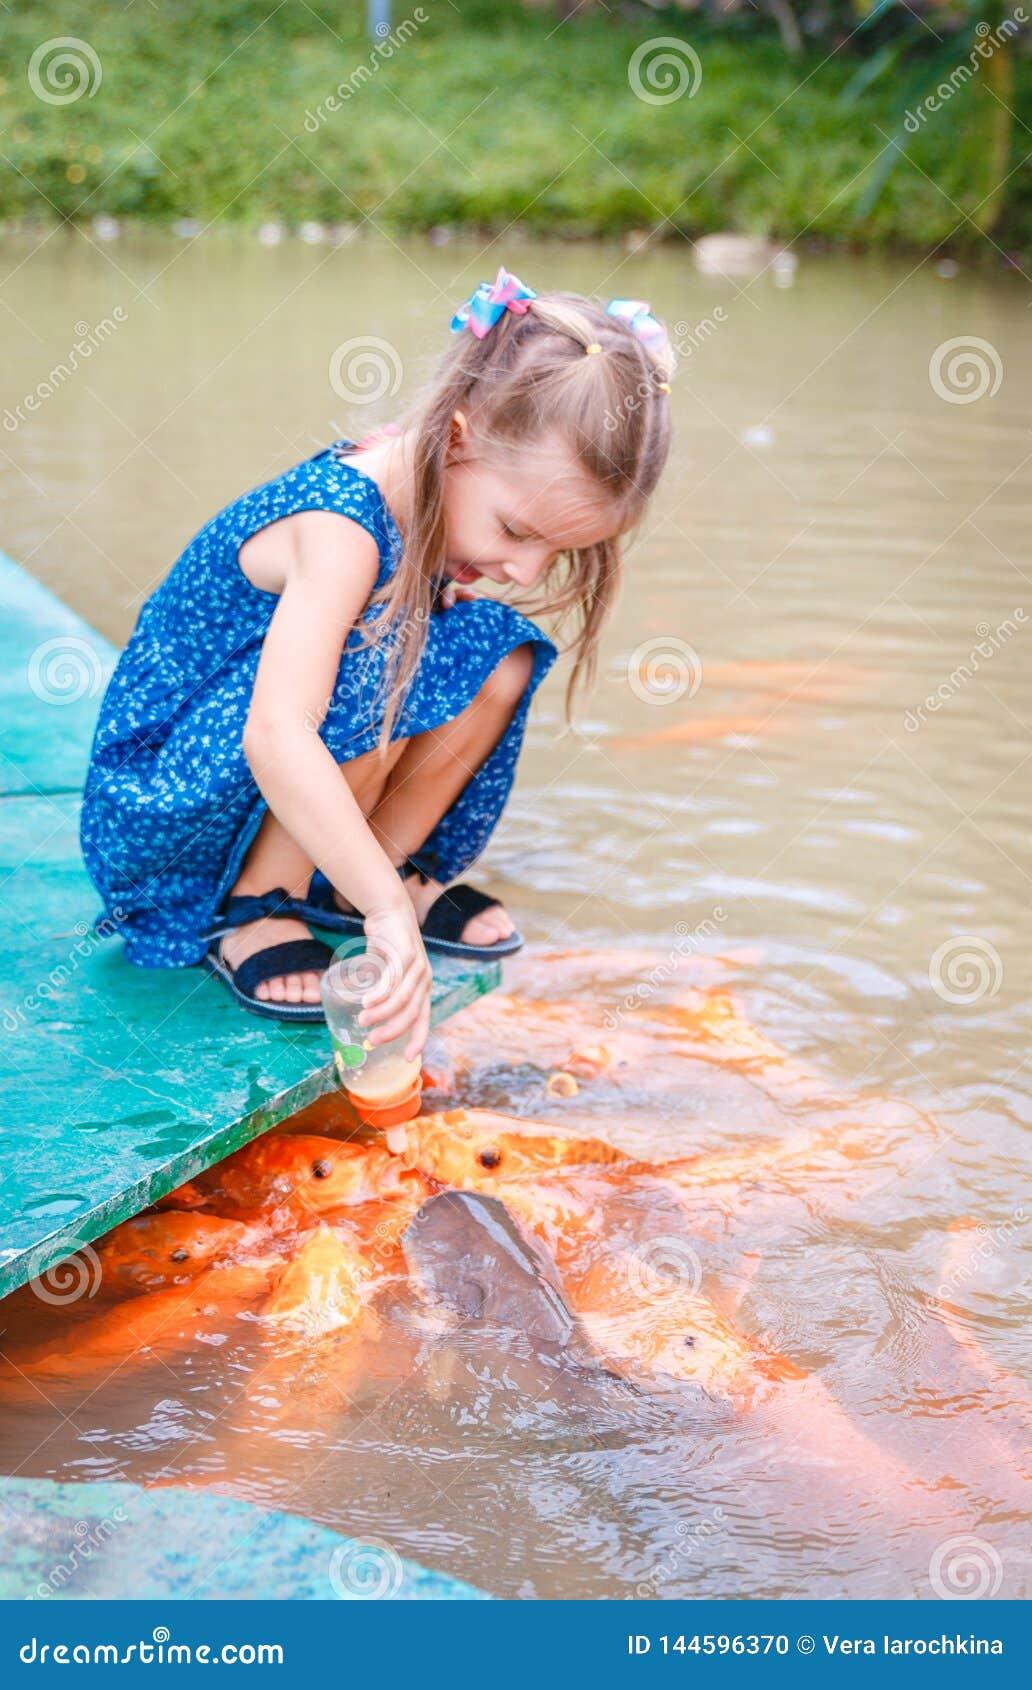 El pescado asi pocos pescados hermosos de las alimentaciones de la muchacha